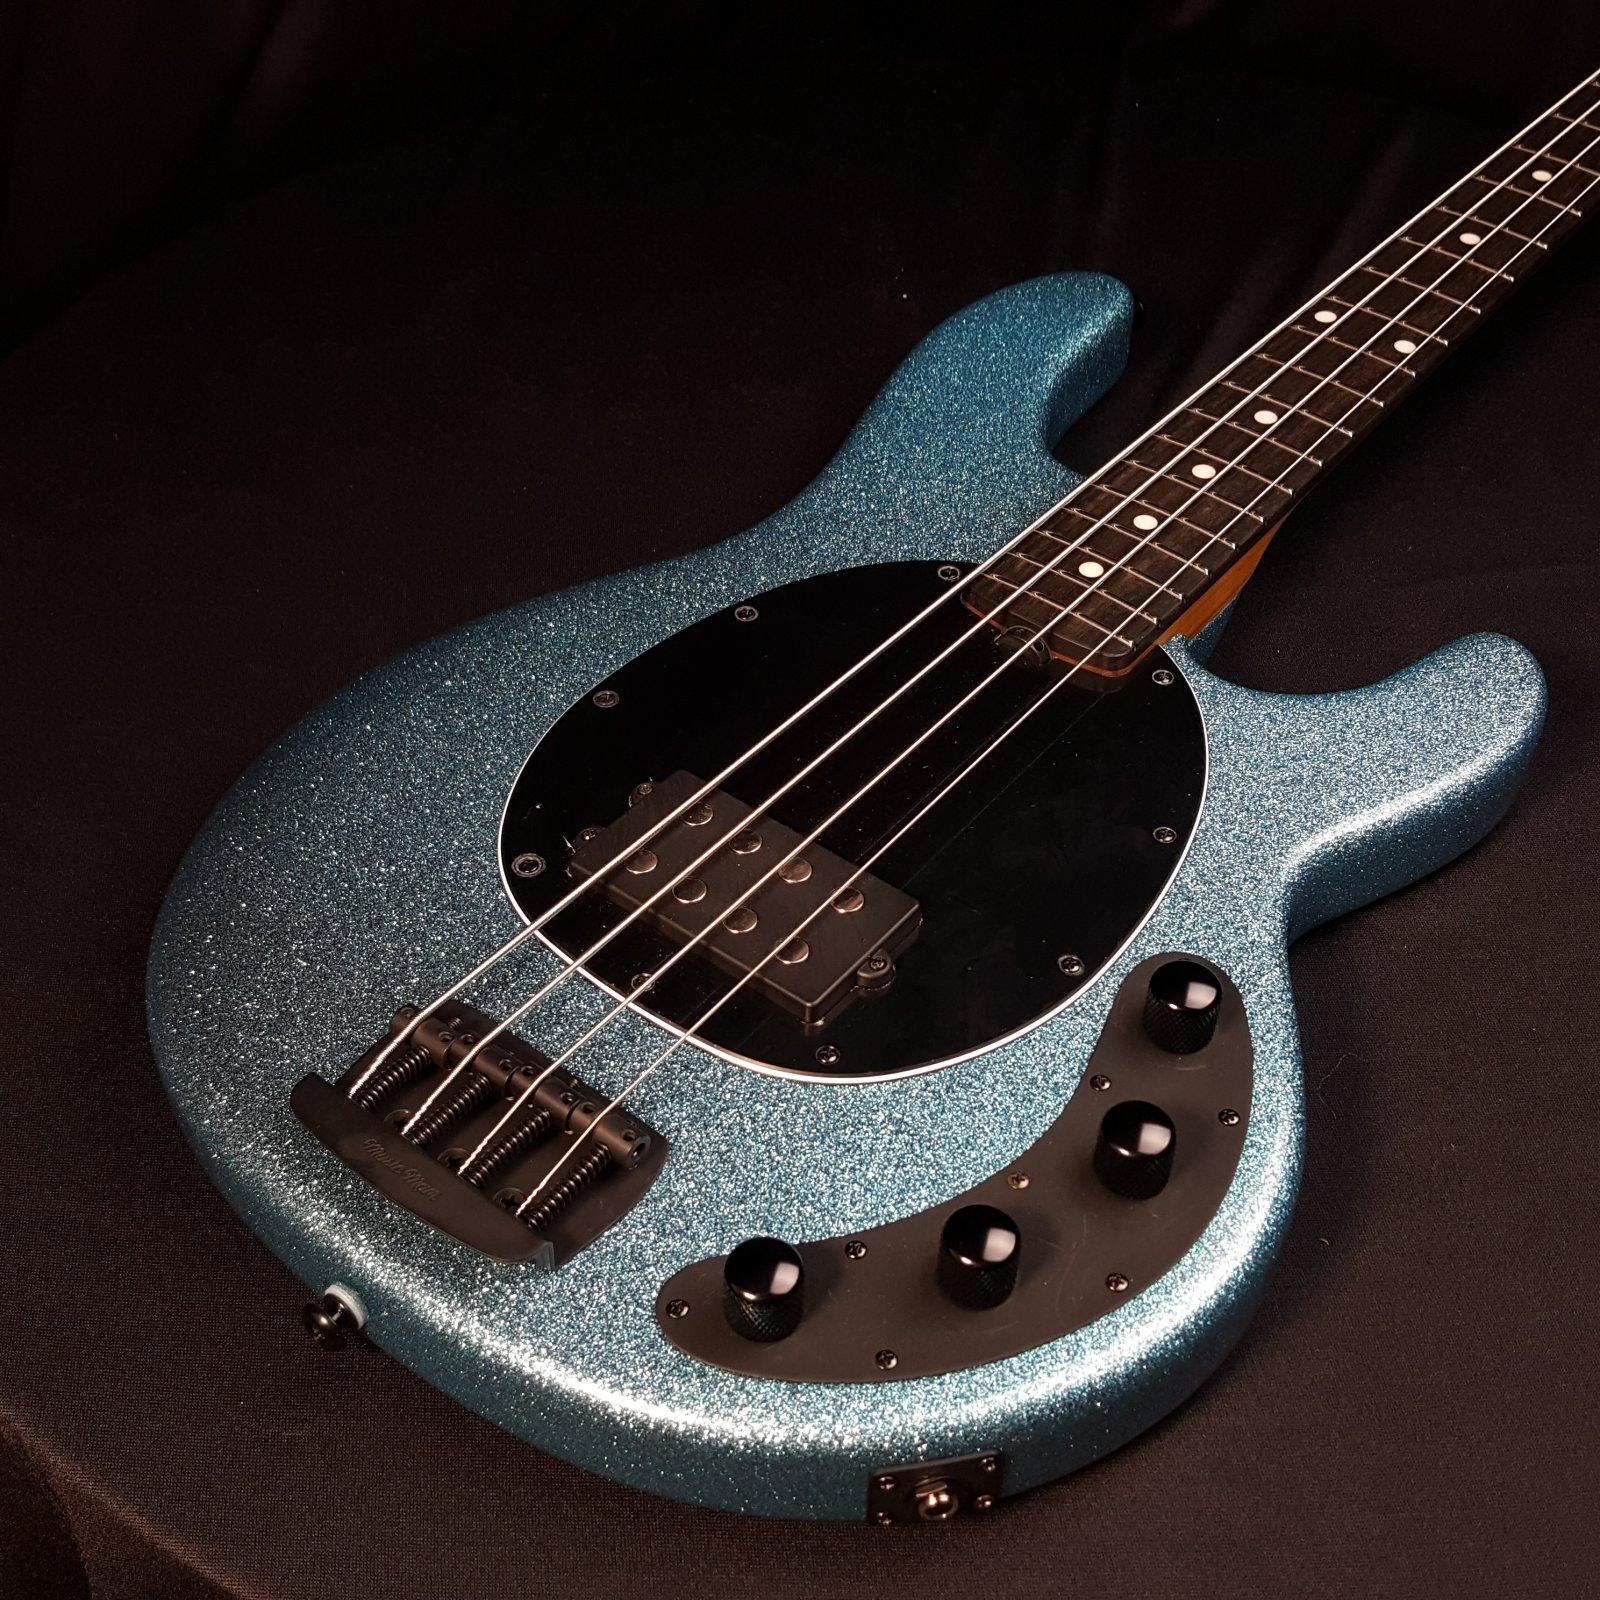 Ernie Ball Music Man Stingray Special 4 String Bass Aqua Sparkle With Case